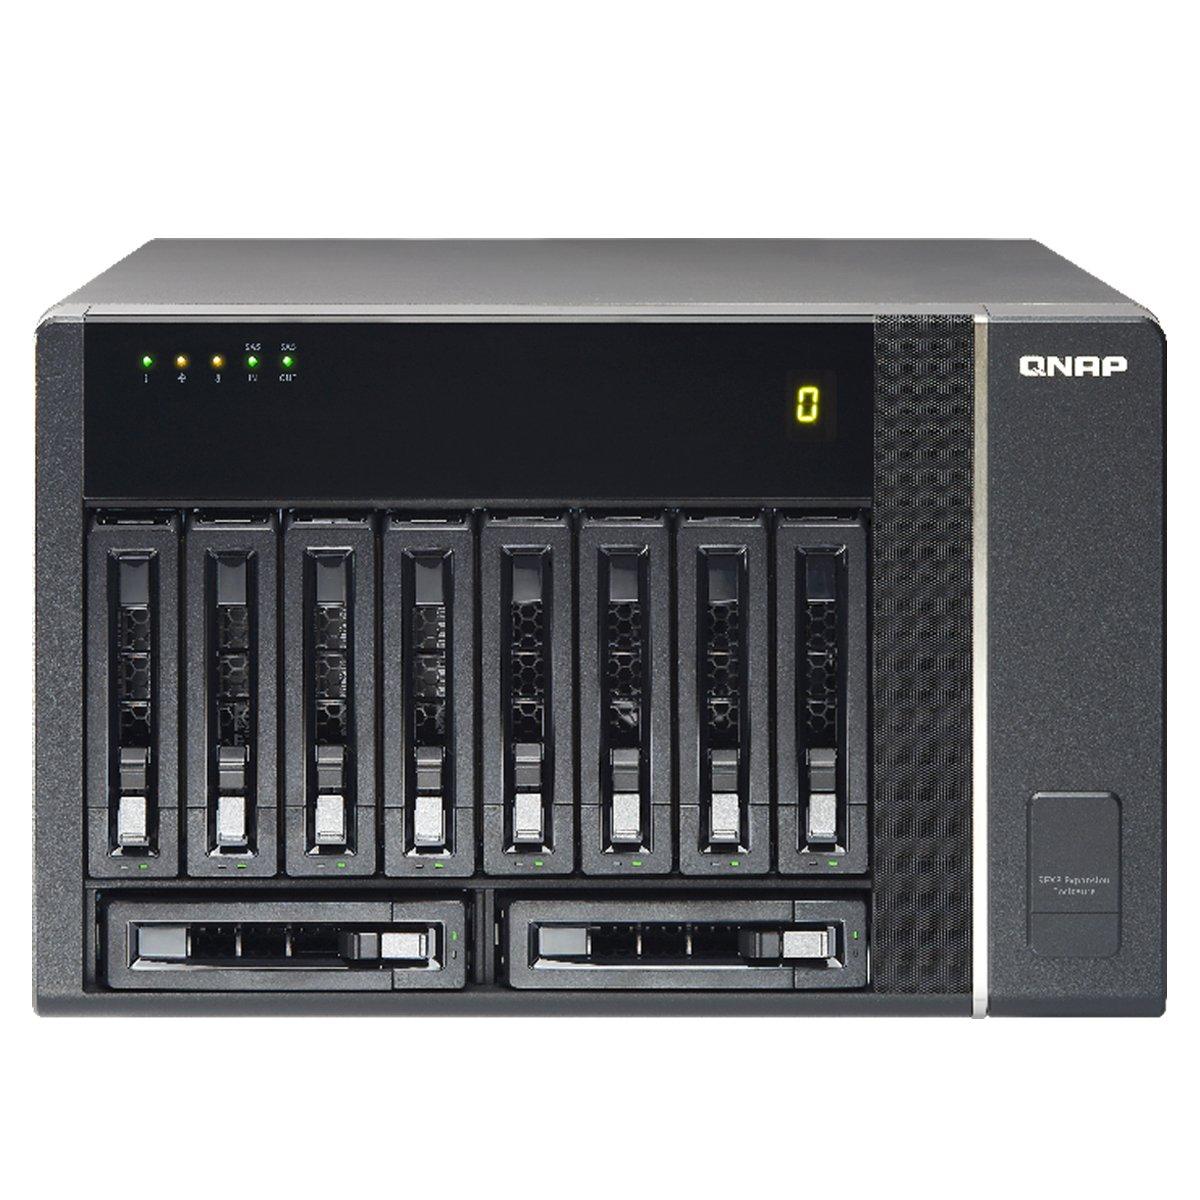 QNAP REXP-1000-PRO RAID Expansion Enclosure, Tower, 10-bay, Single Power Supply with 6G SAS Cable 9REXP-1000-PRO)